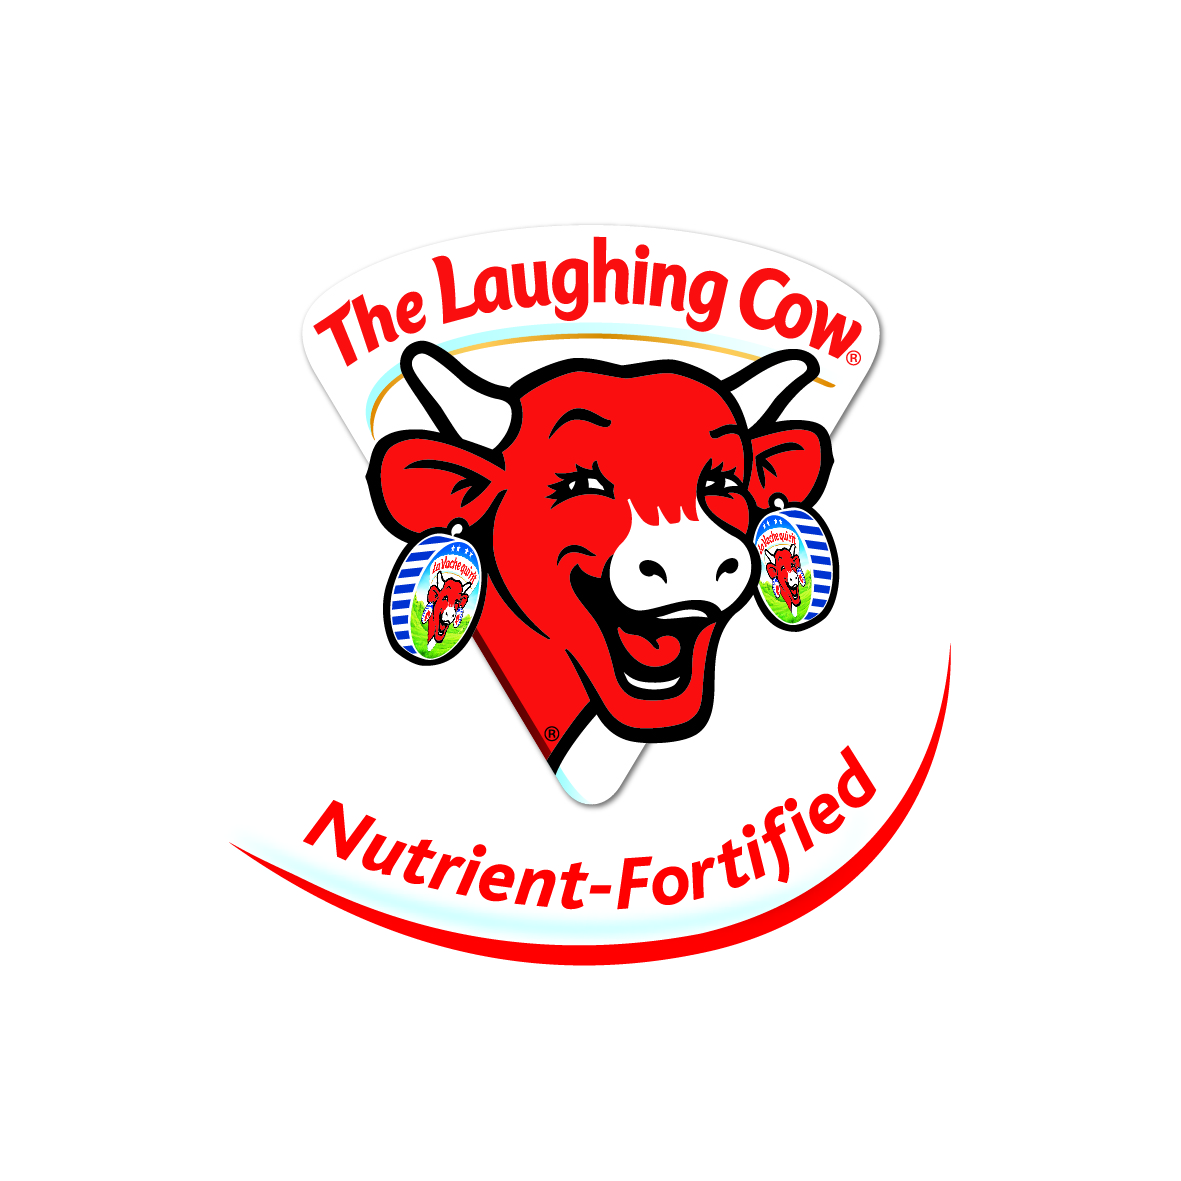 tlc-nutrient-fortified-logo-ol